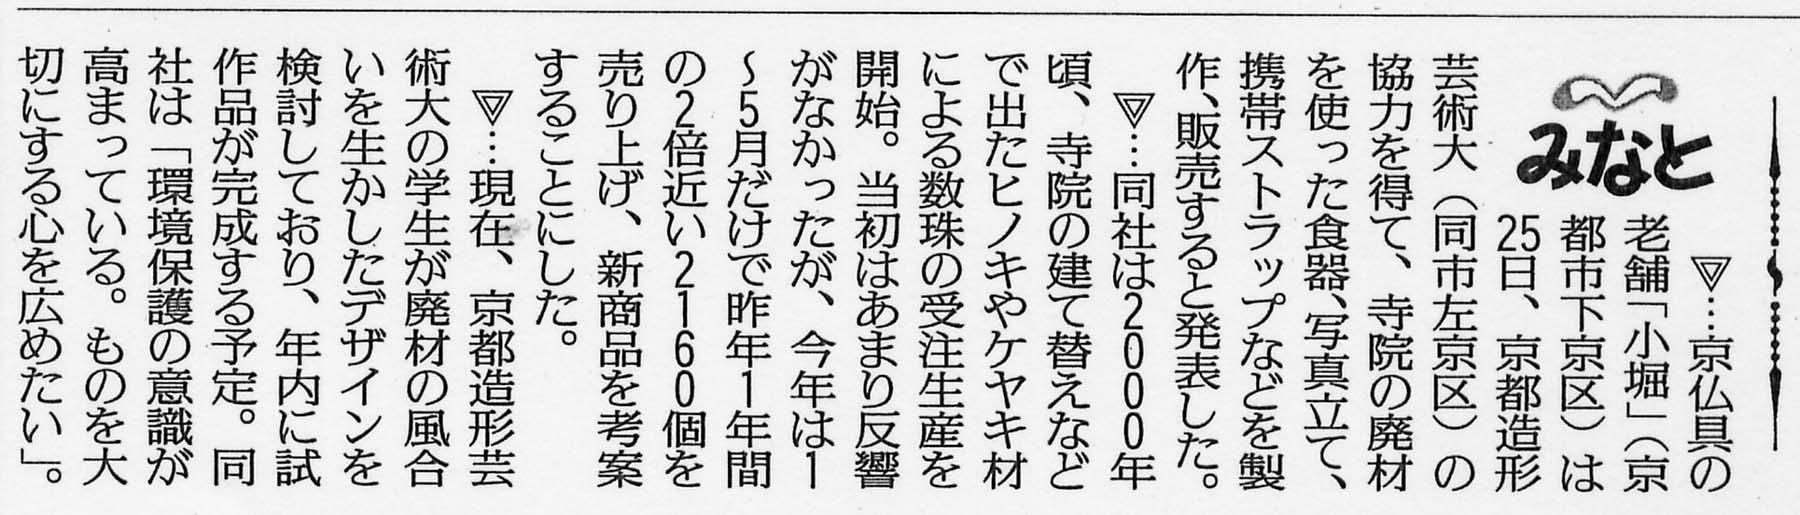 読売新聞夕刊 2009年6月25日掲載